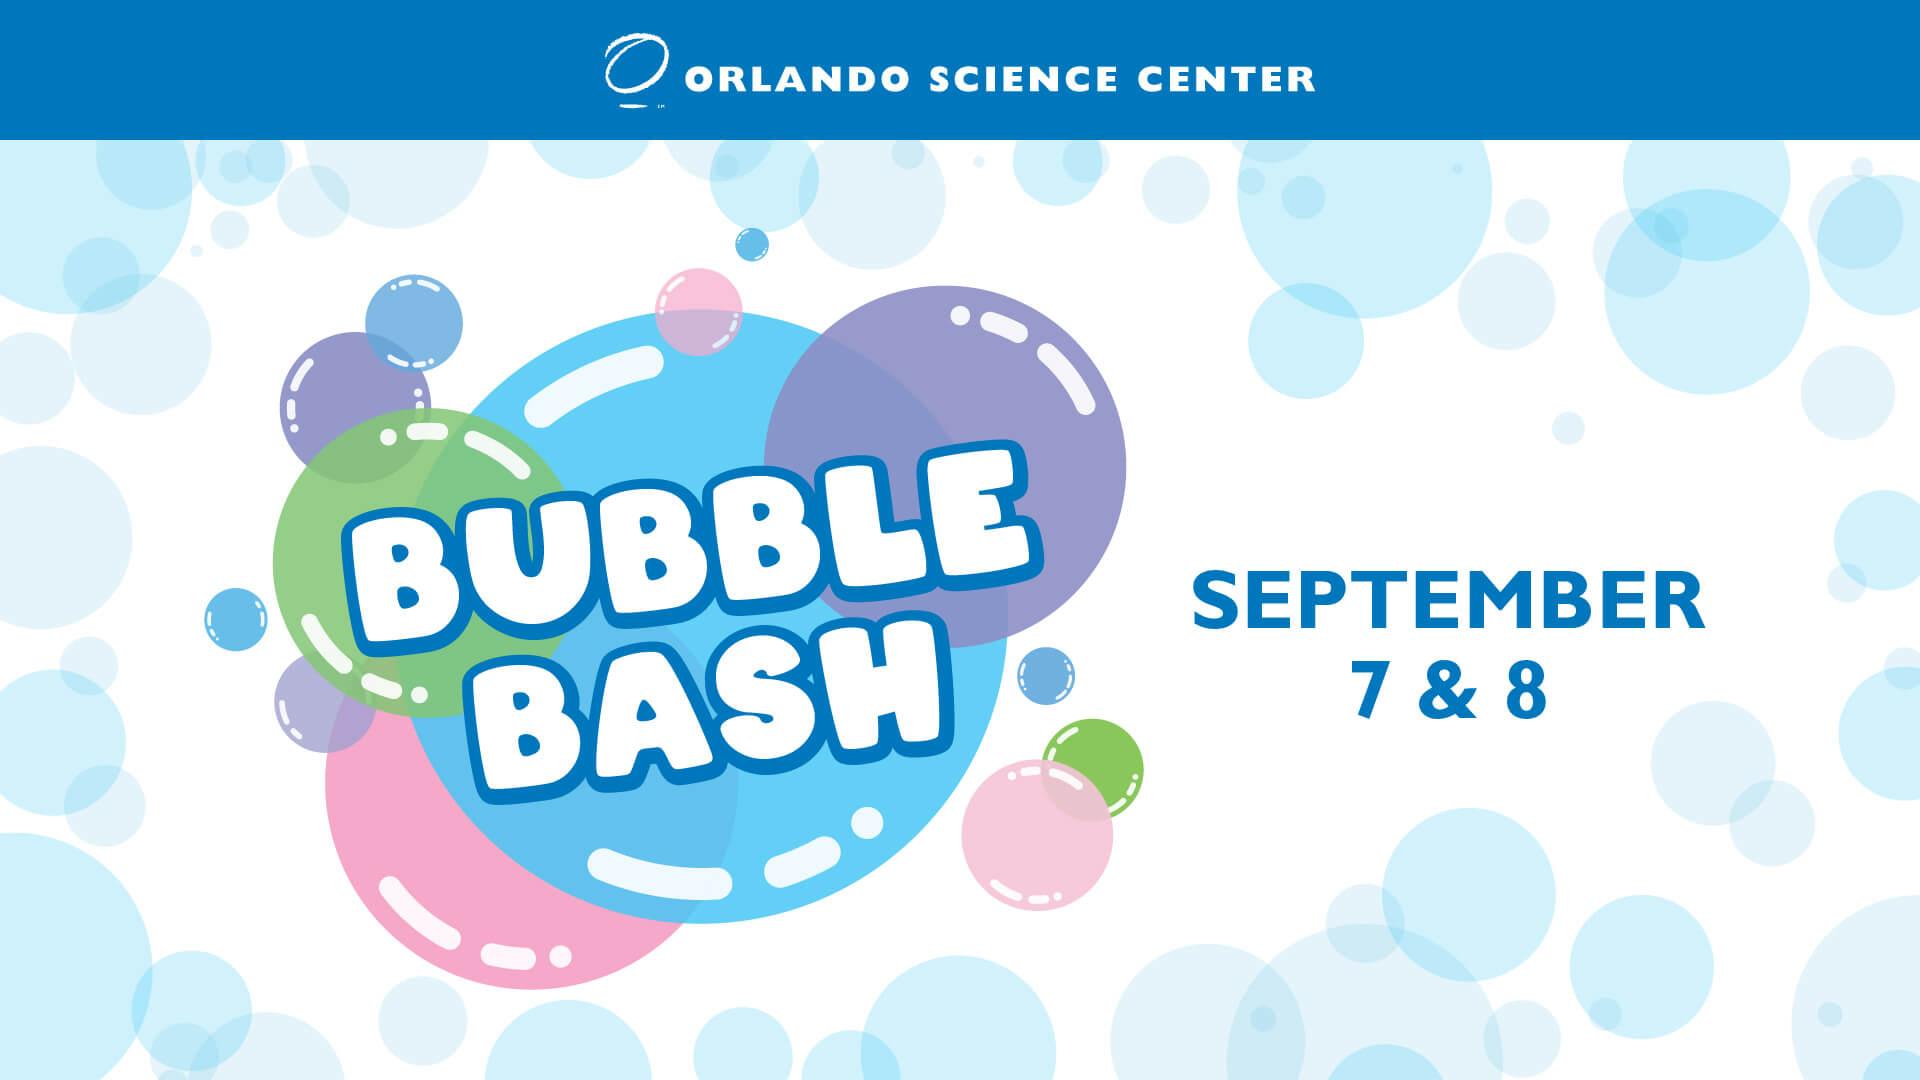 Bubble bash flyer